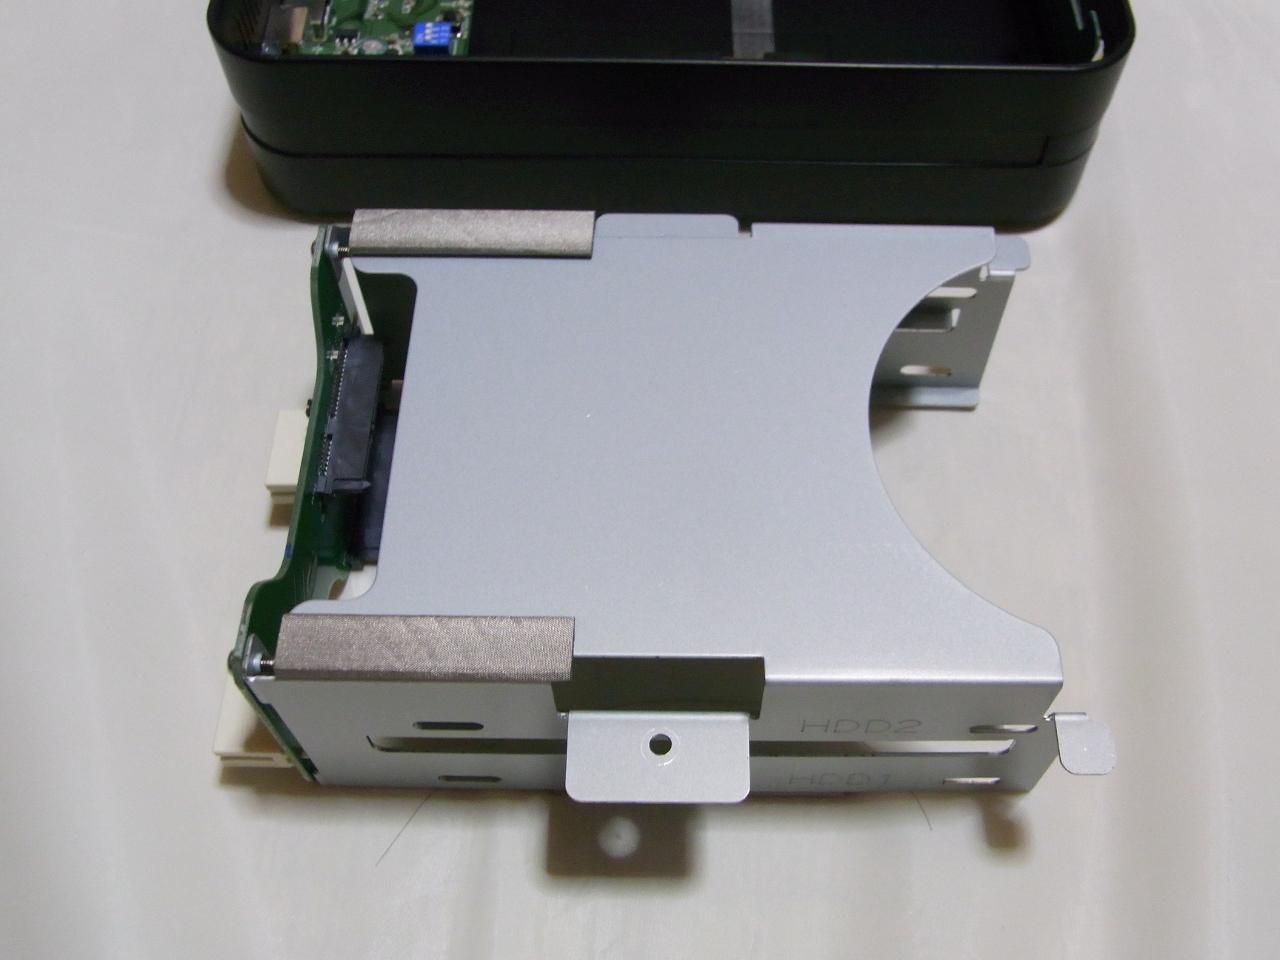 CG-HDC2EUS31-W のHDDトレイを取り外したところ